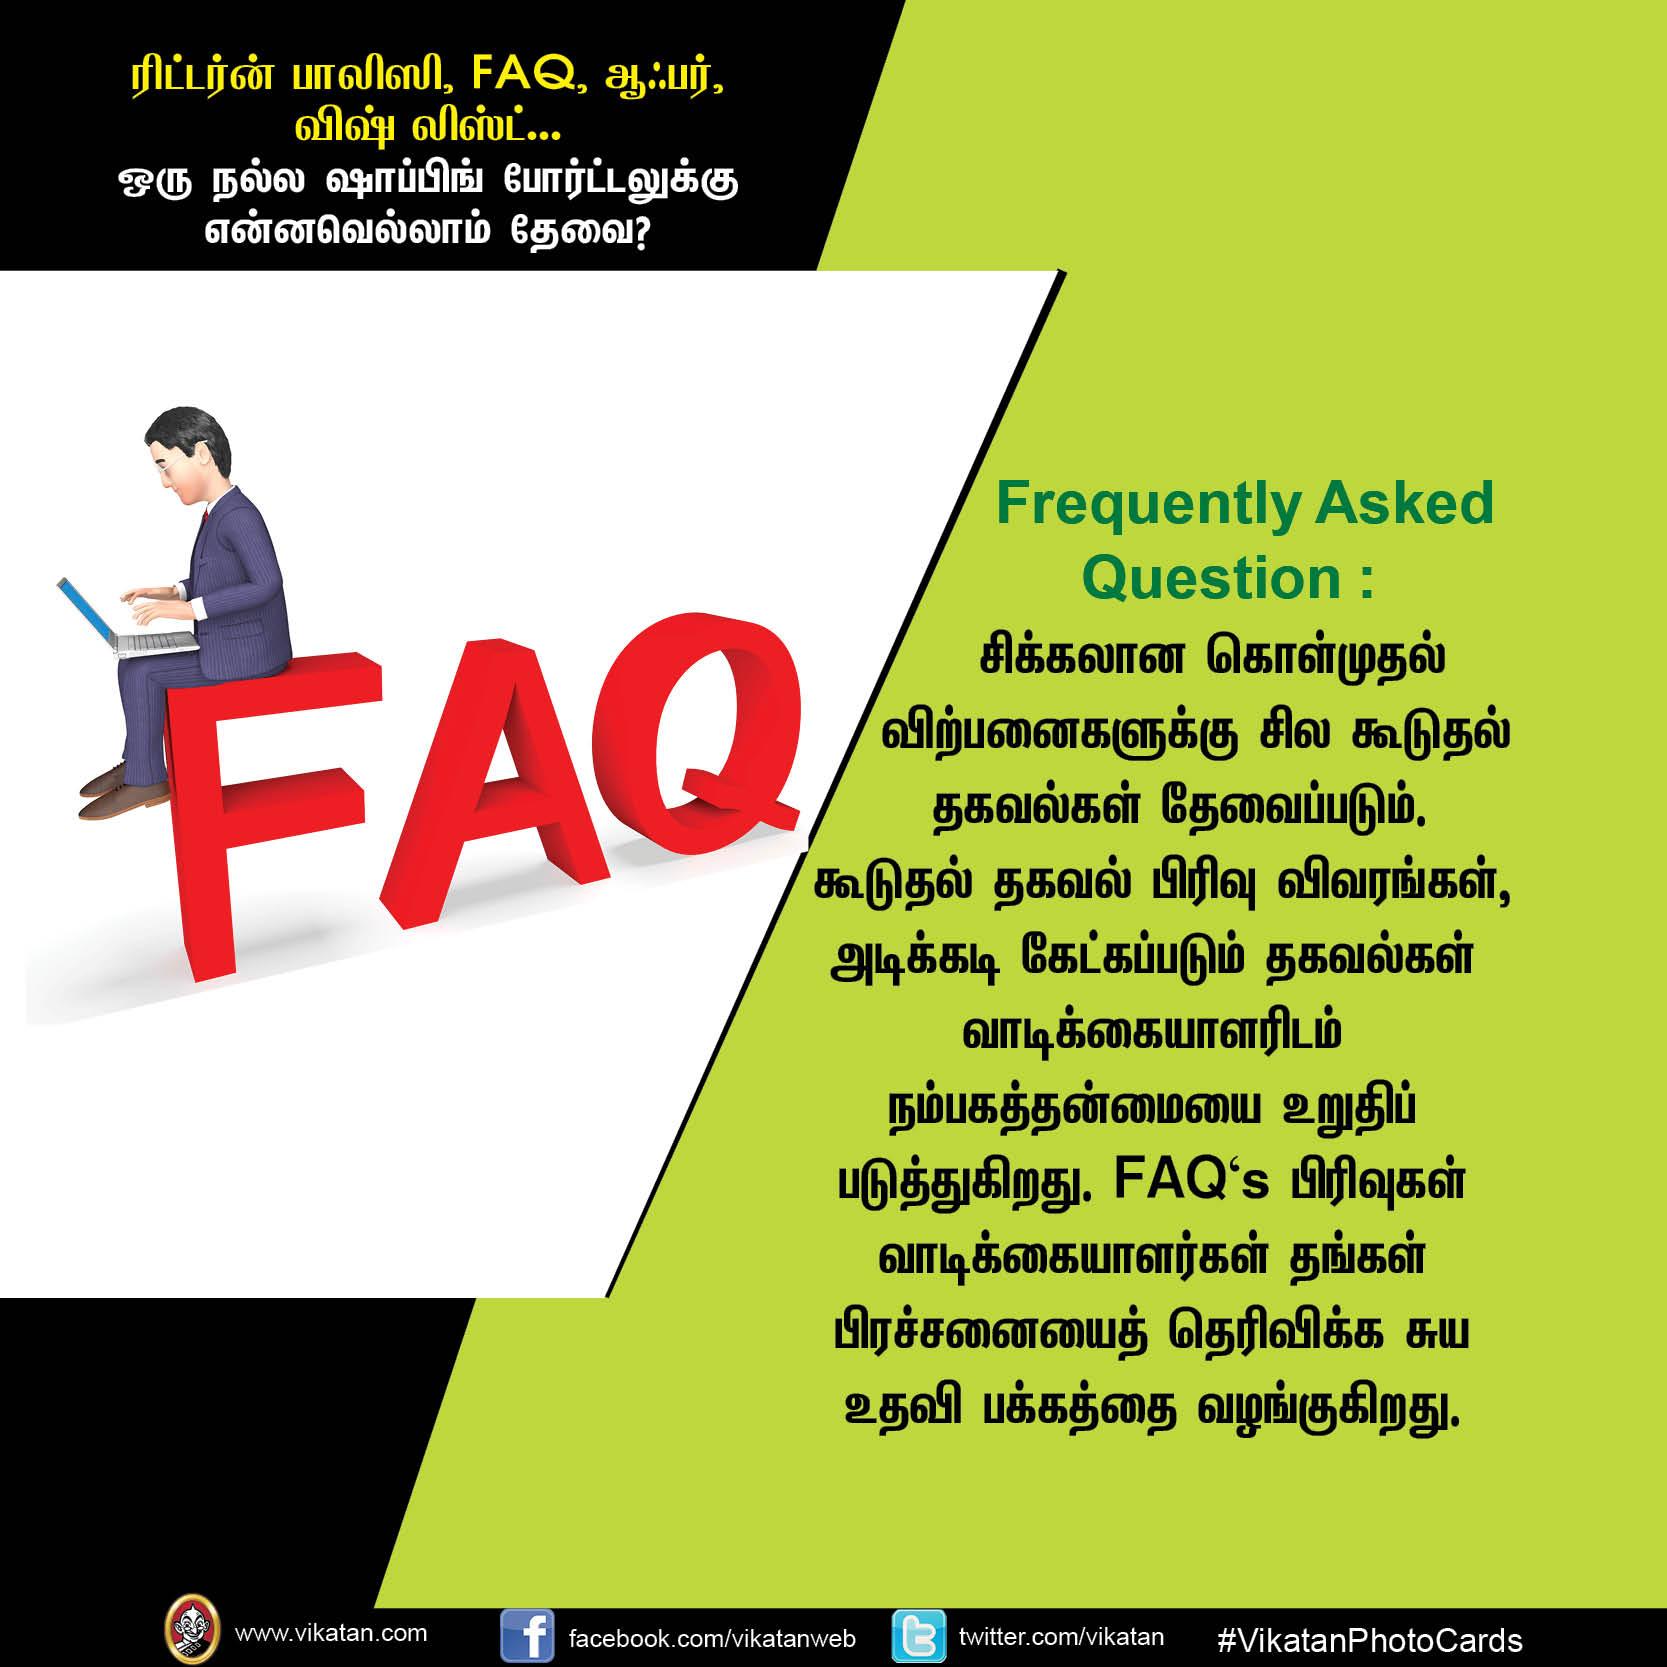 ரிட்டர்ன் பாலிஸி, FAQ, ஆஃபர், விஷ் லிஸ்ட்... ஒரு நல்ல ஷாப்பிங் போர்ட்டலுக்கு என்னவெல்லாம் தேவை? #VikatanPhotoCards